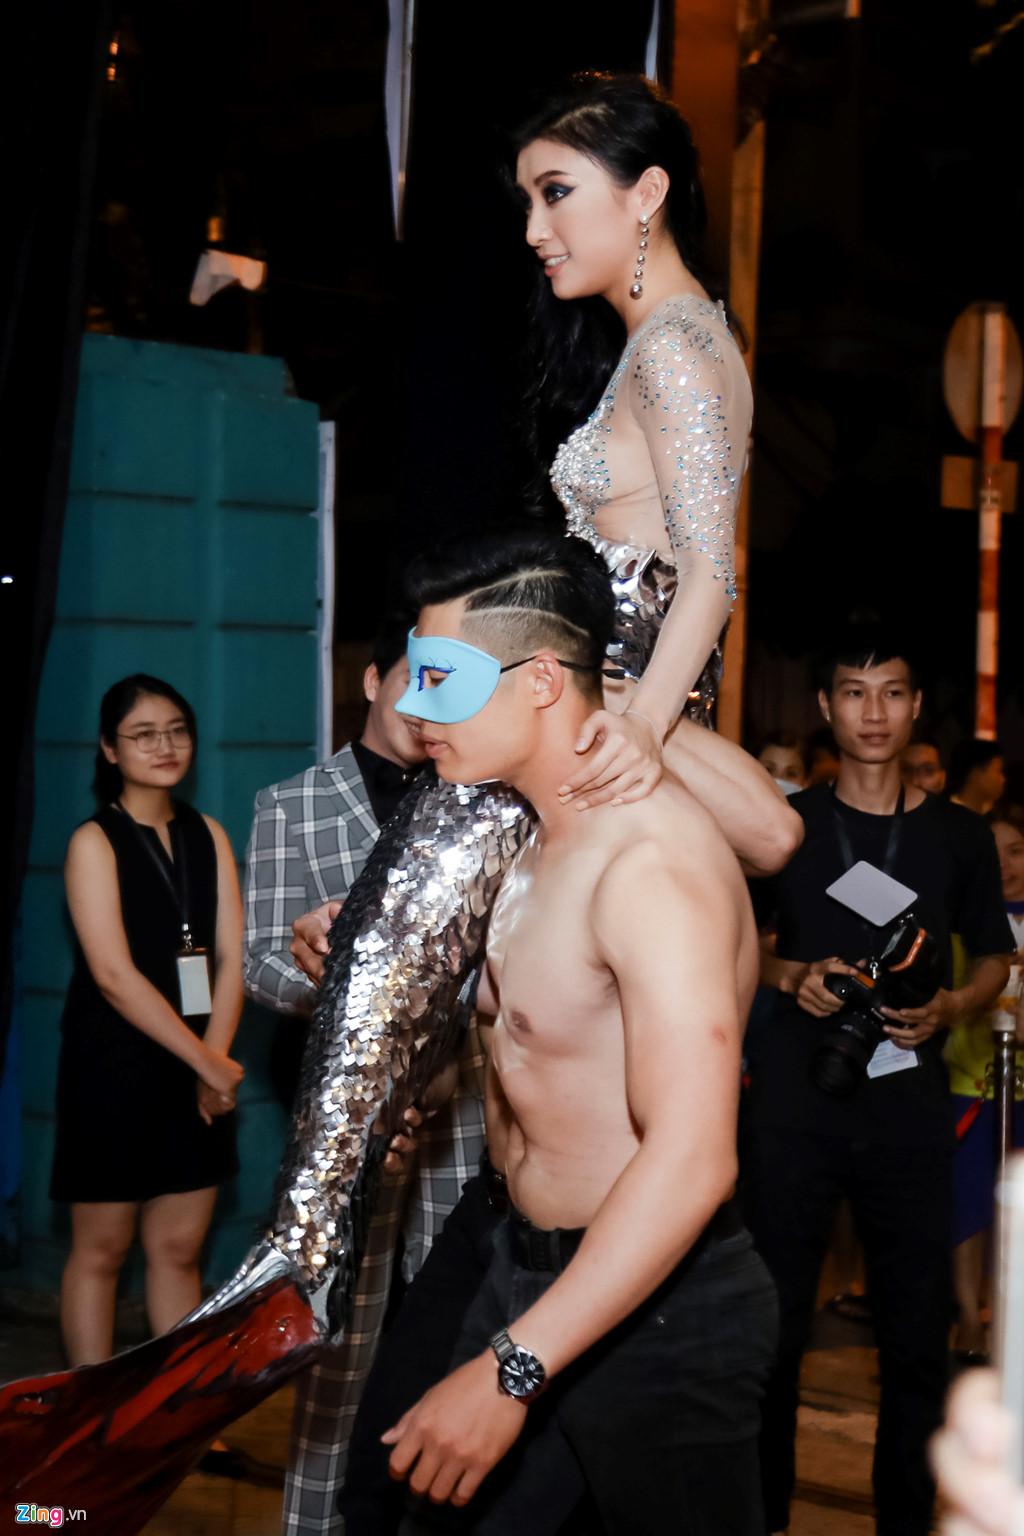 Hóa người cá, Tiêu Châu Như Quỳnh bị chỉ trích làm lố trên thảm đỏ-2